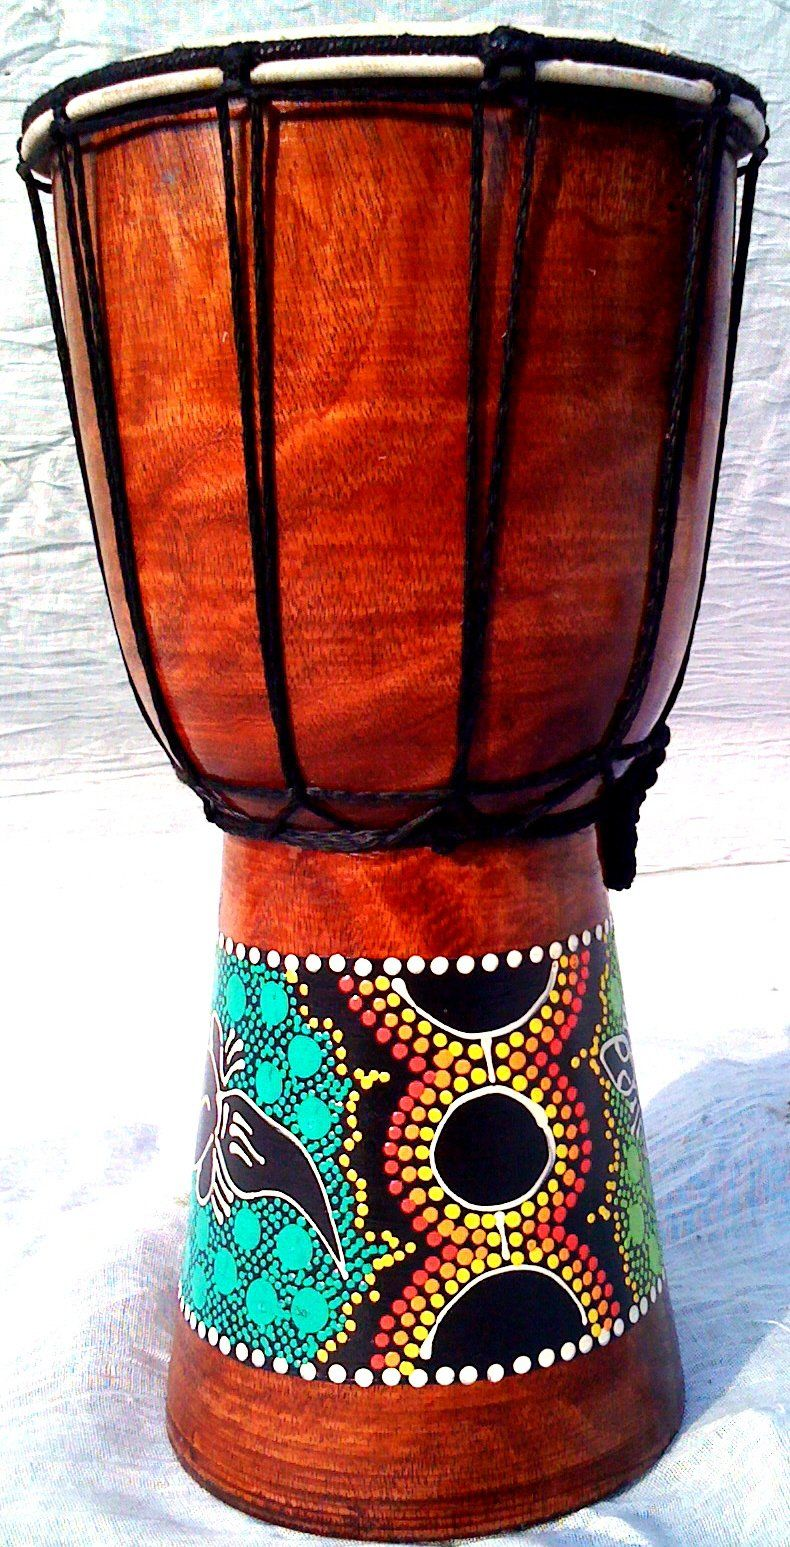 die besten 25 bongos ideen auf pinterest handtrommel schlagzeug und schlagzeuge. Black Bedroom Furniture Sets. Home Design Ideas